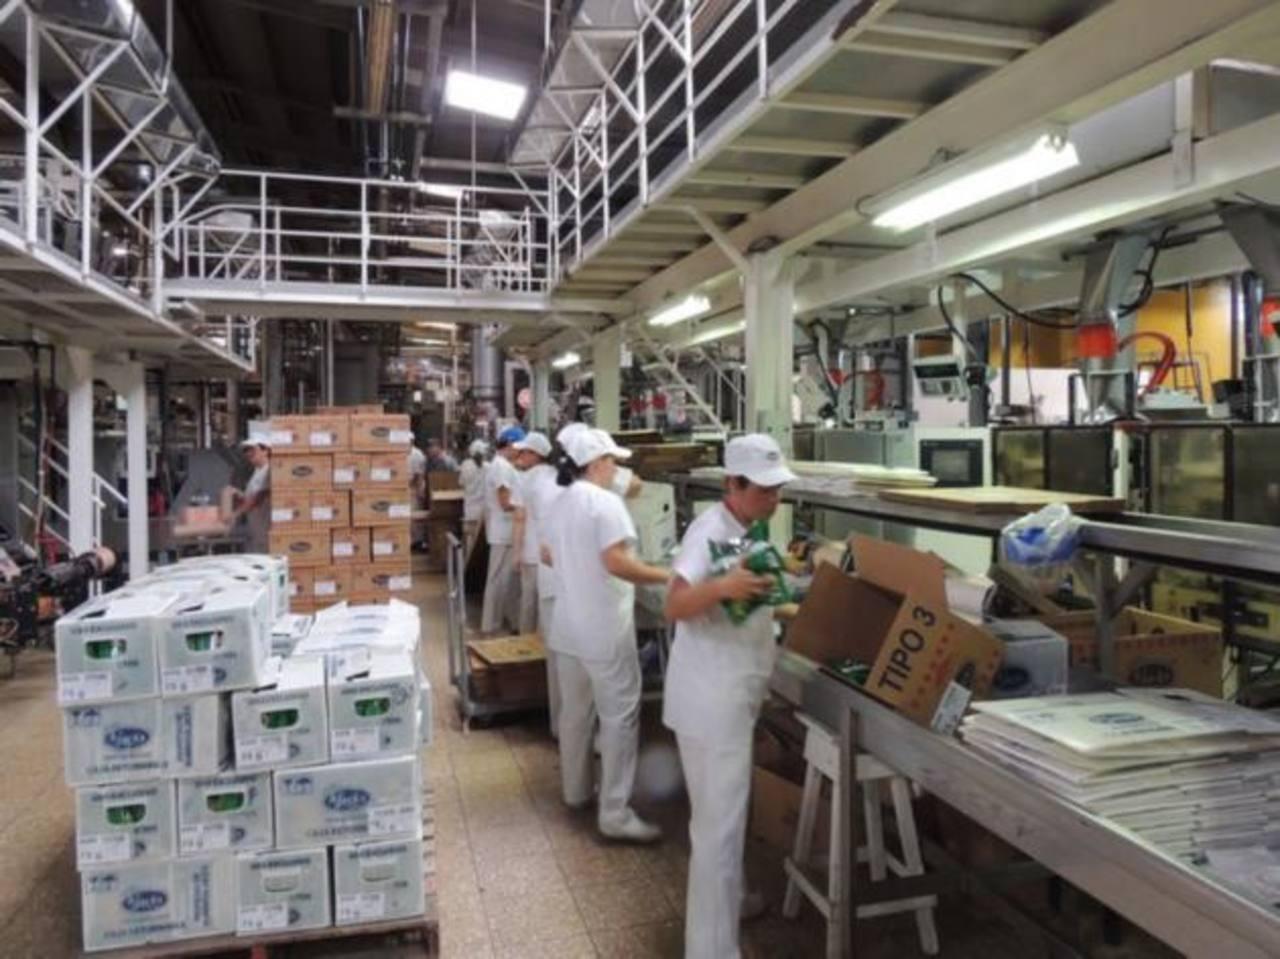 La empresa quiere reducir sus costos de energía, por lo que trasladará sus operaciones a otros países. foto edh